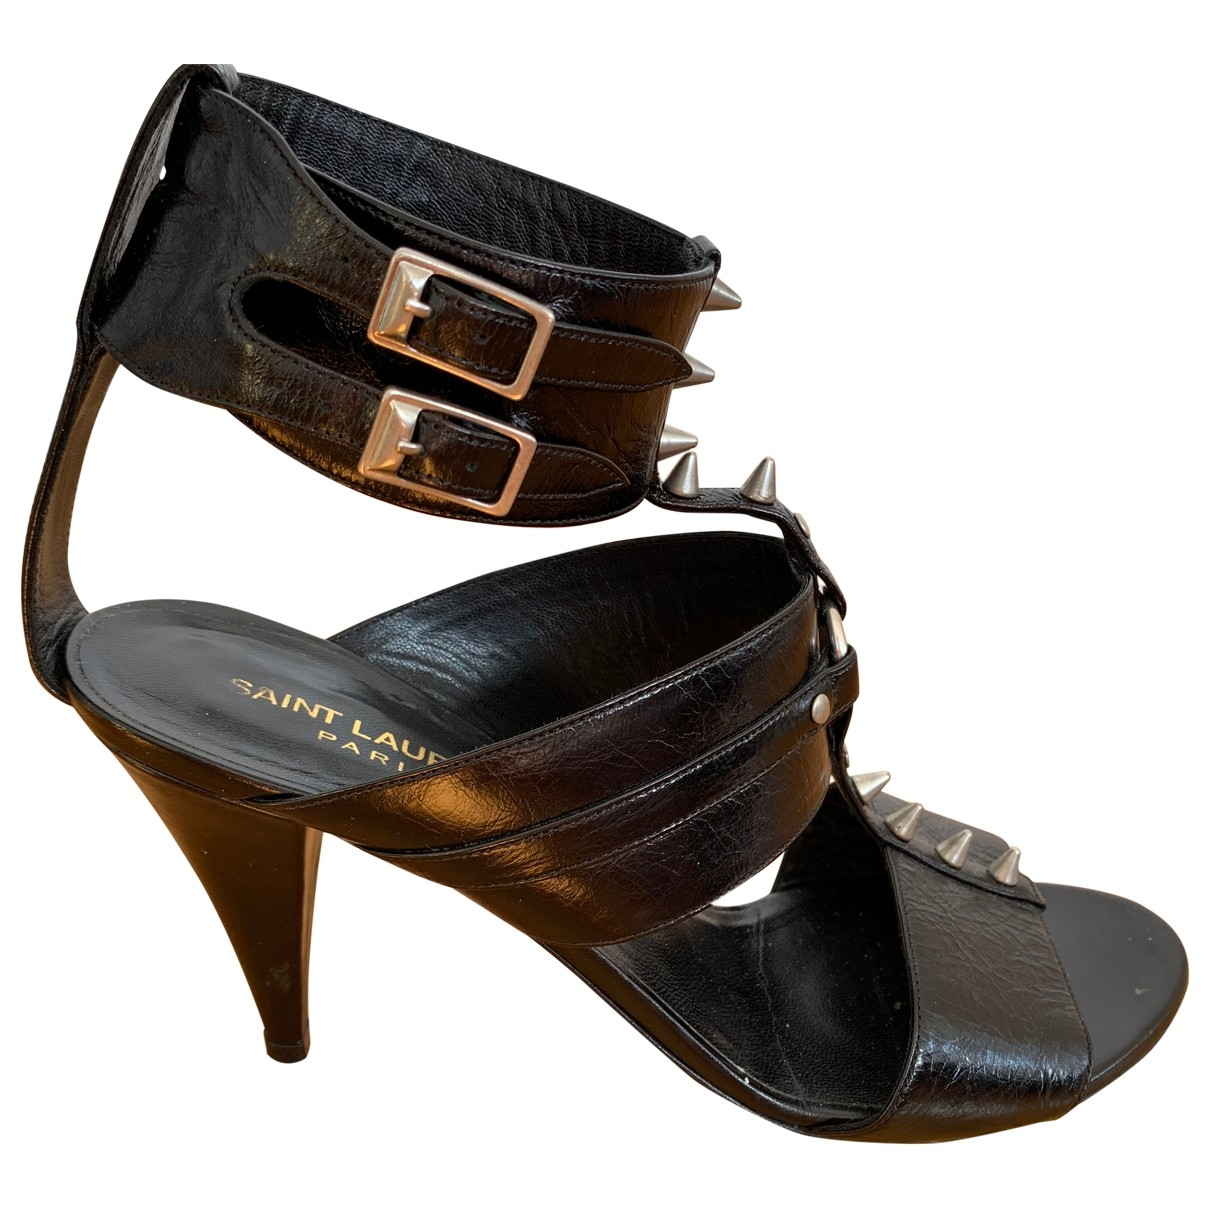 Saint Laurent \N Black Leather Sandals for Women 39 EU